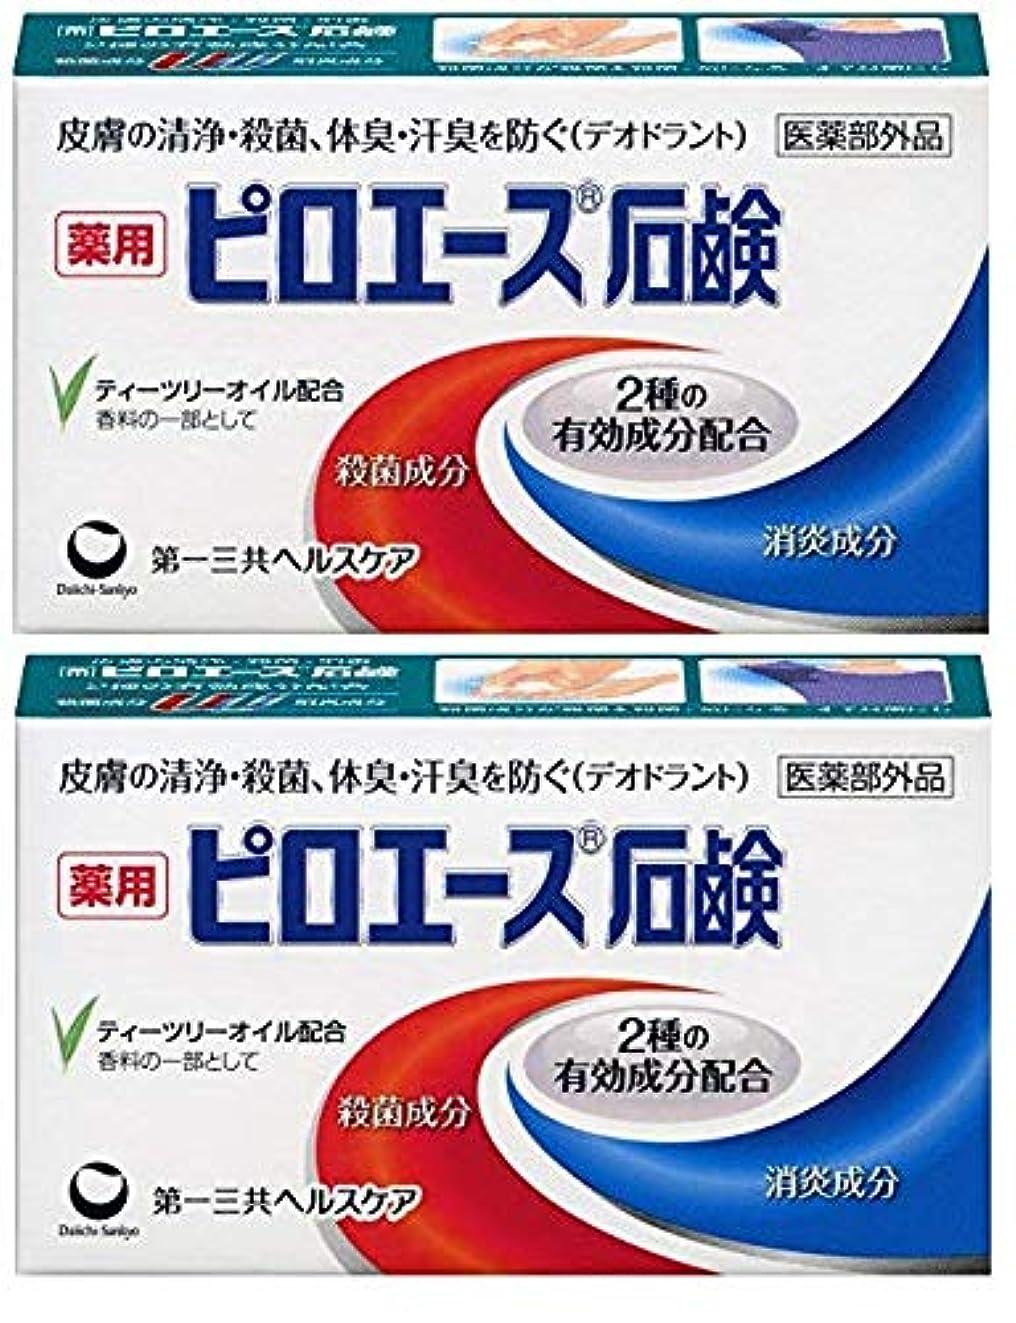 細断変装した第一三共ヘルスケア ピロエース石鹸 70g 【医薬部外品】 2個セット